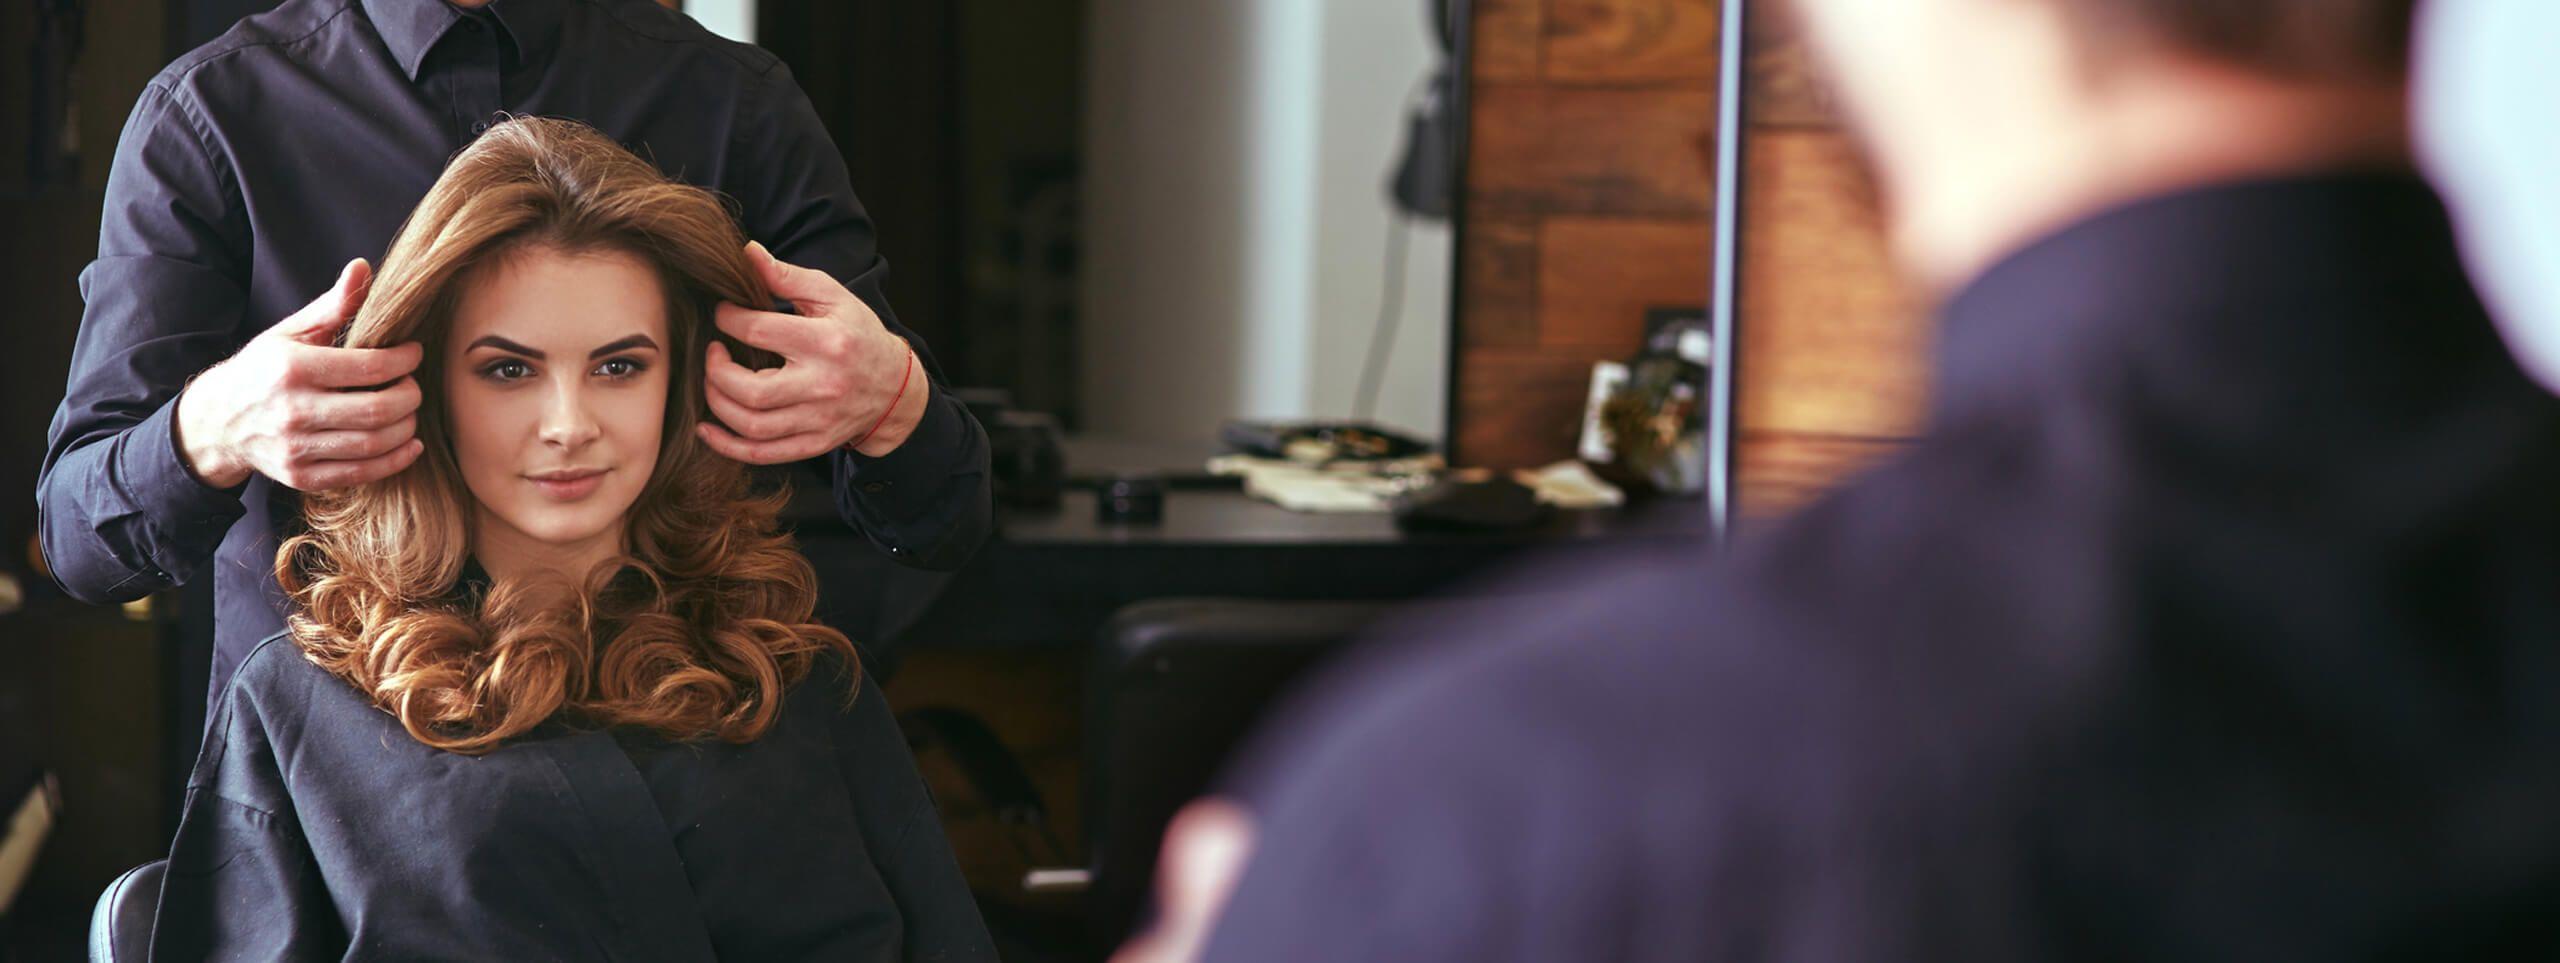 Femme chez son coiffeur